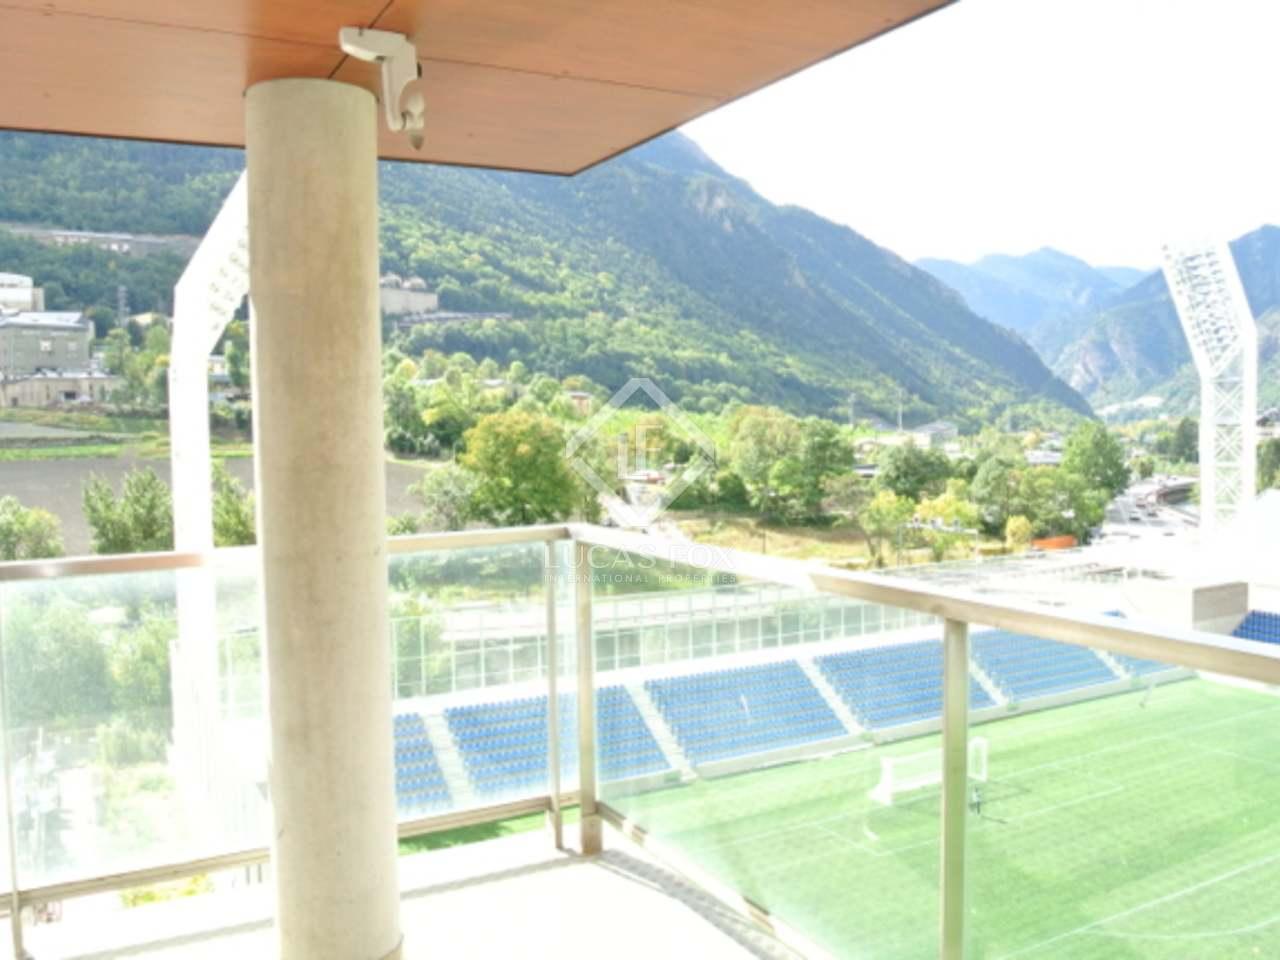 Penthouse en duplex en vente au centre d 39 andorre for Piscine andorre caldea